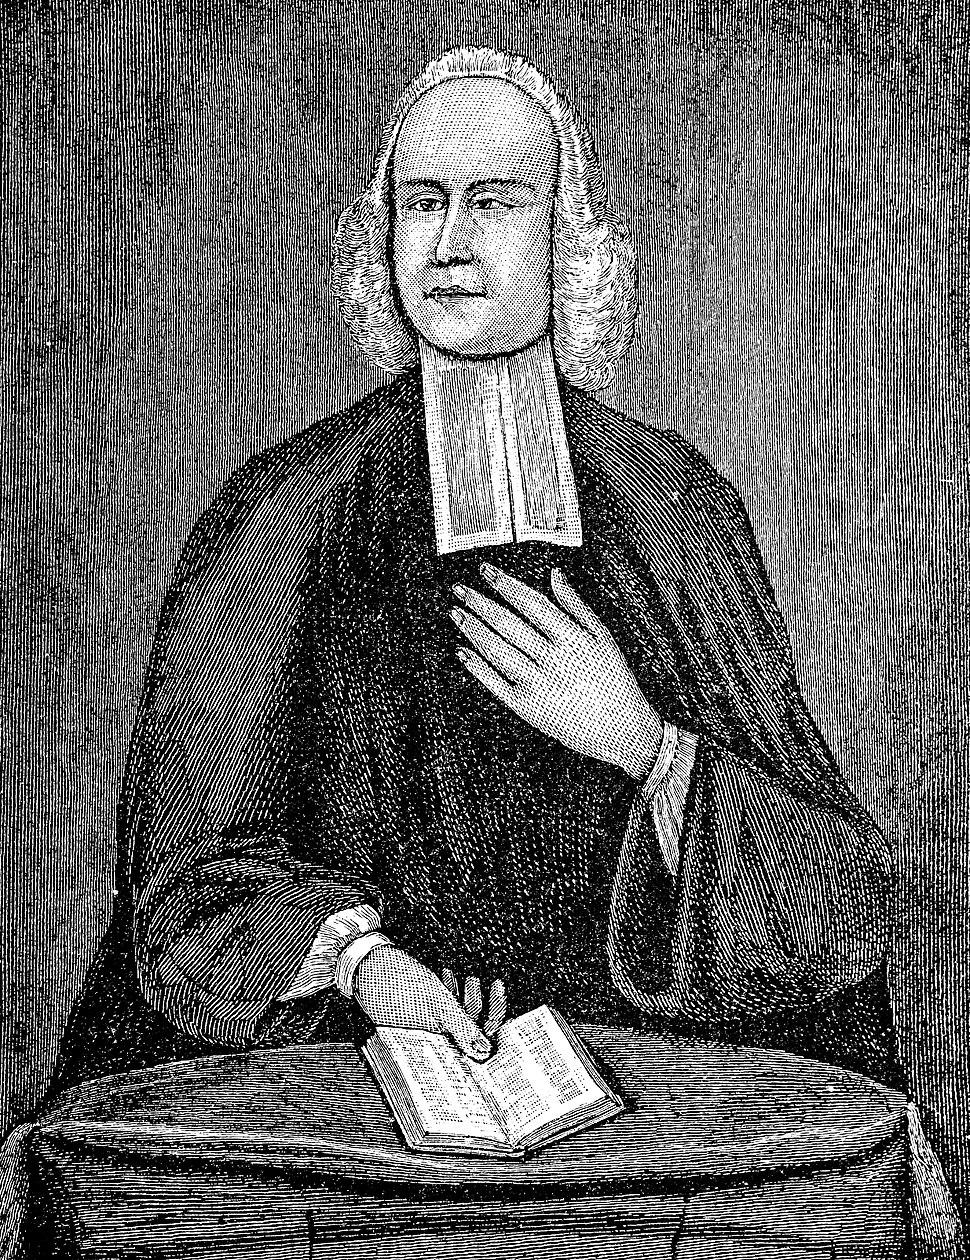 Methodist George Whitefield 1714-1770